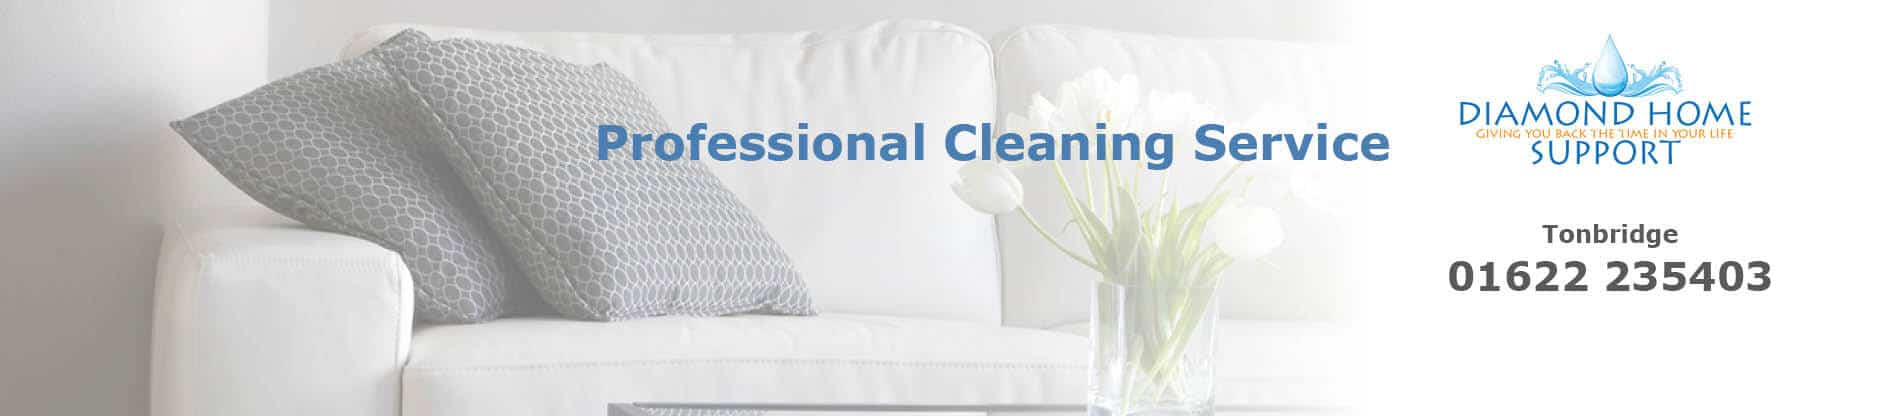 Cleaners in Tonbridge